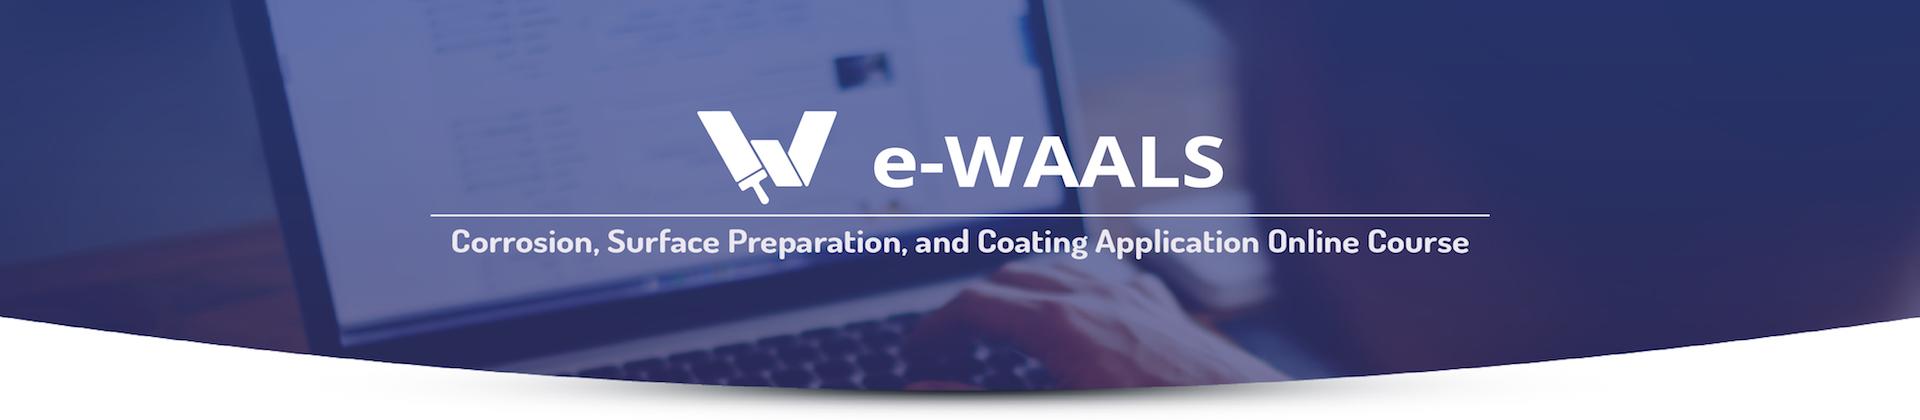 e-waals